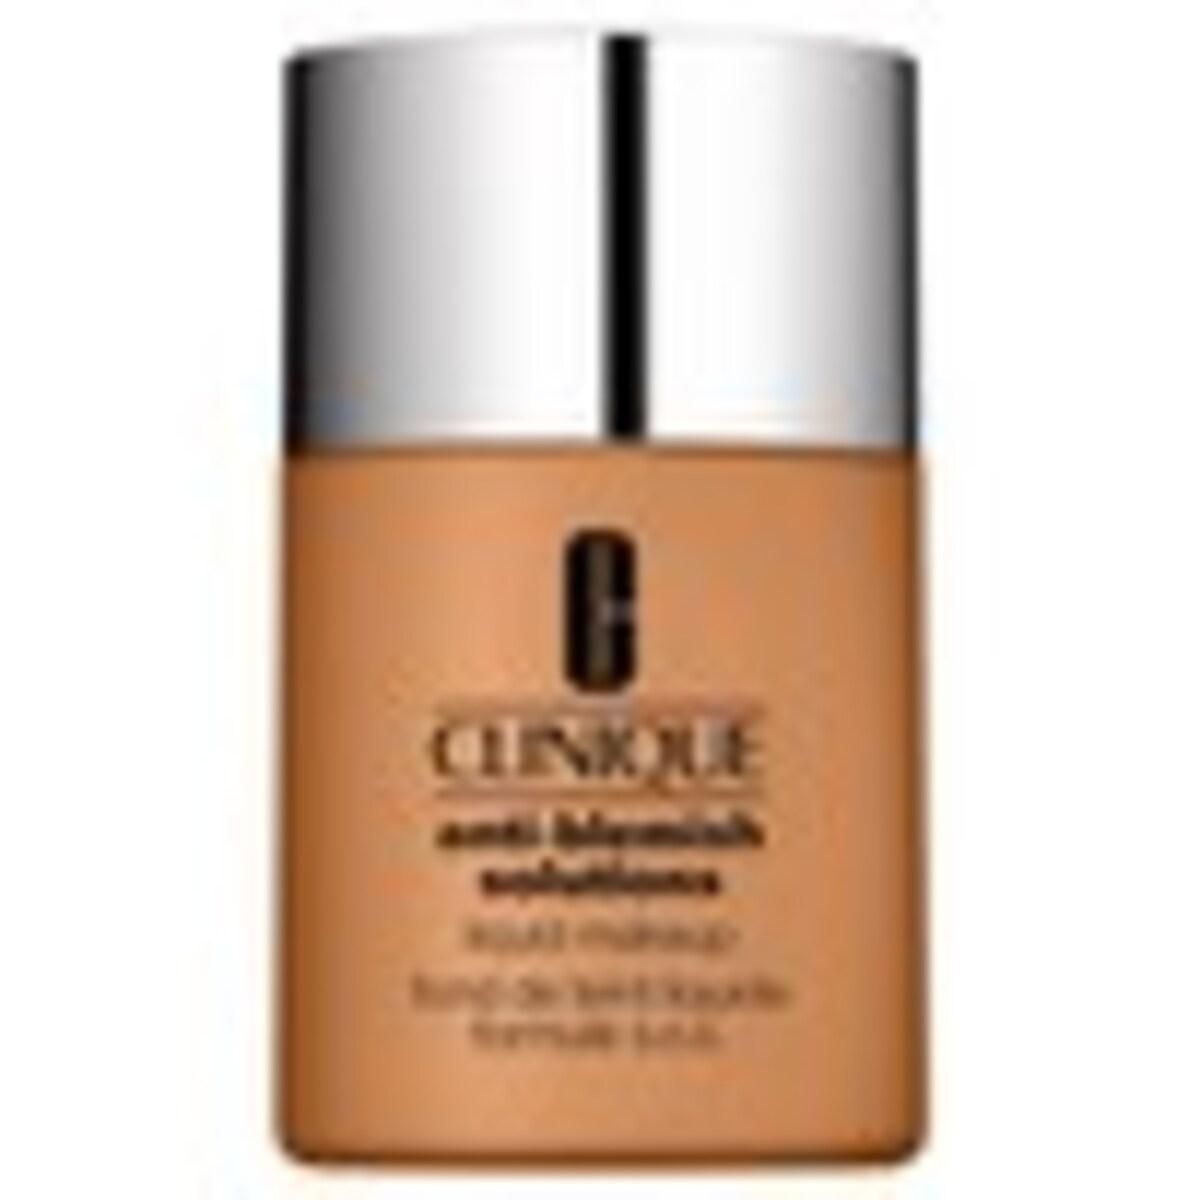 Bild 1 von Clinique Gegen unreine Haut  Foundation 30.0 ml